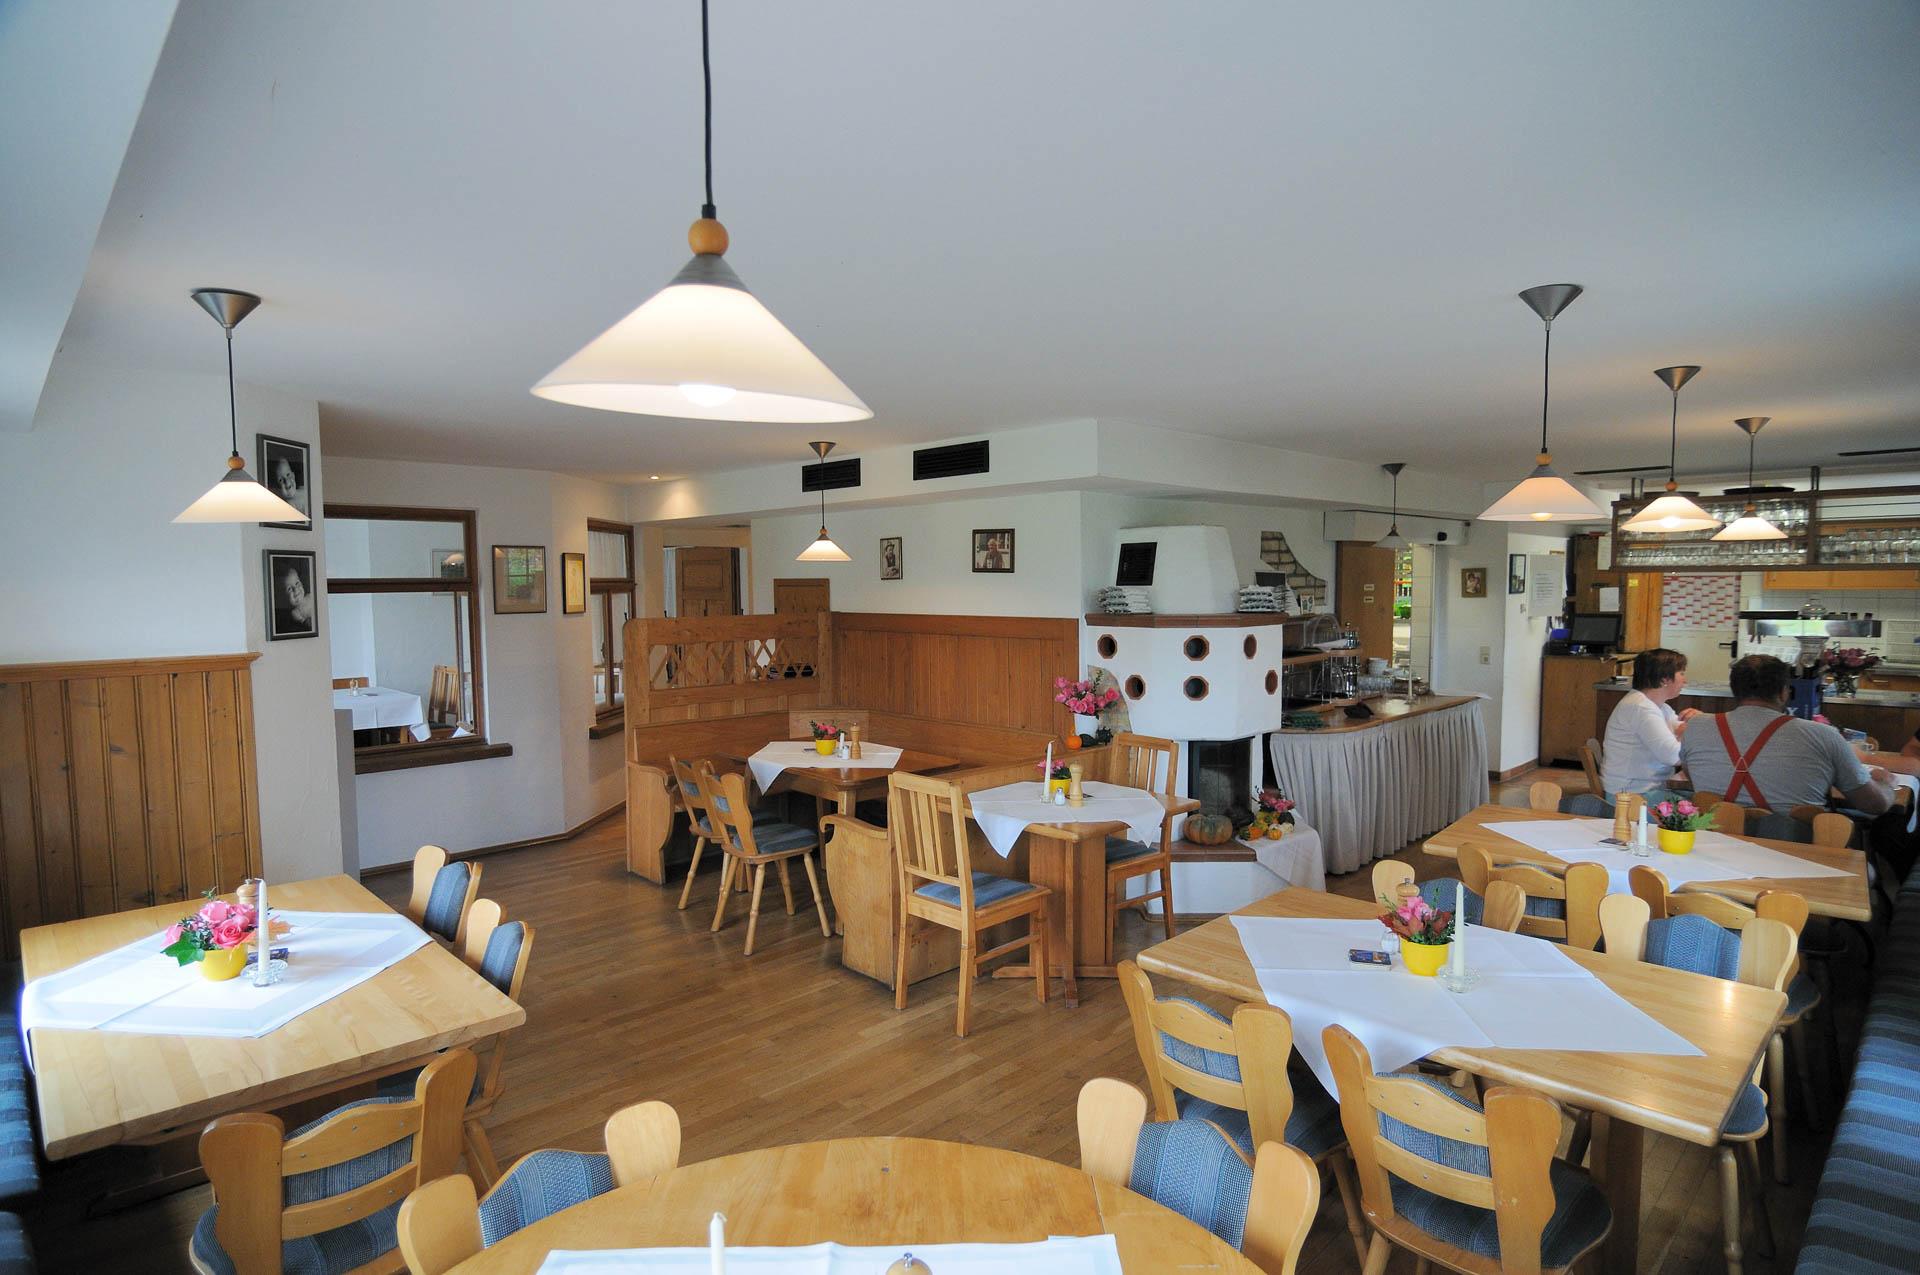 Gemütlich Stube im Restaurant des Gasthaus Seerose in Nitzenweiler bei Kressbronn am Bodensee